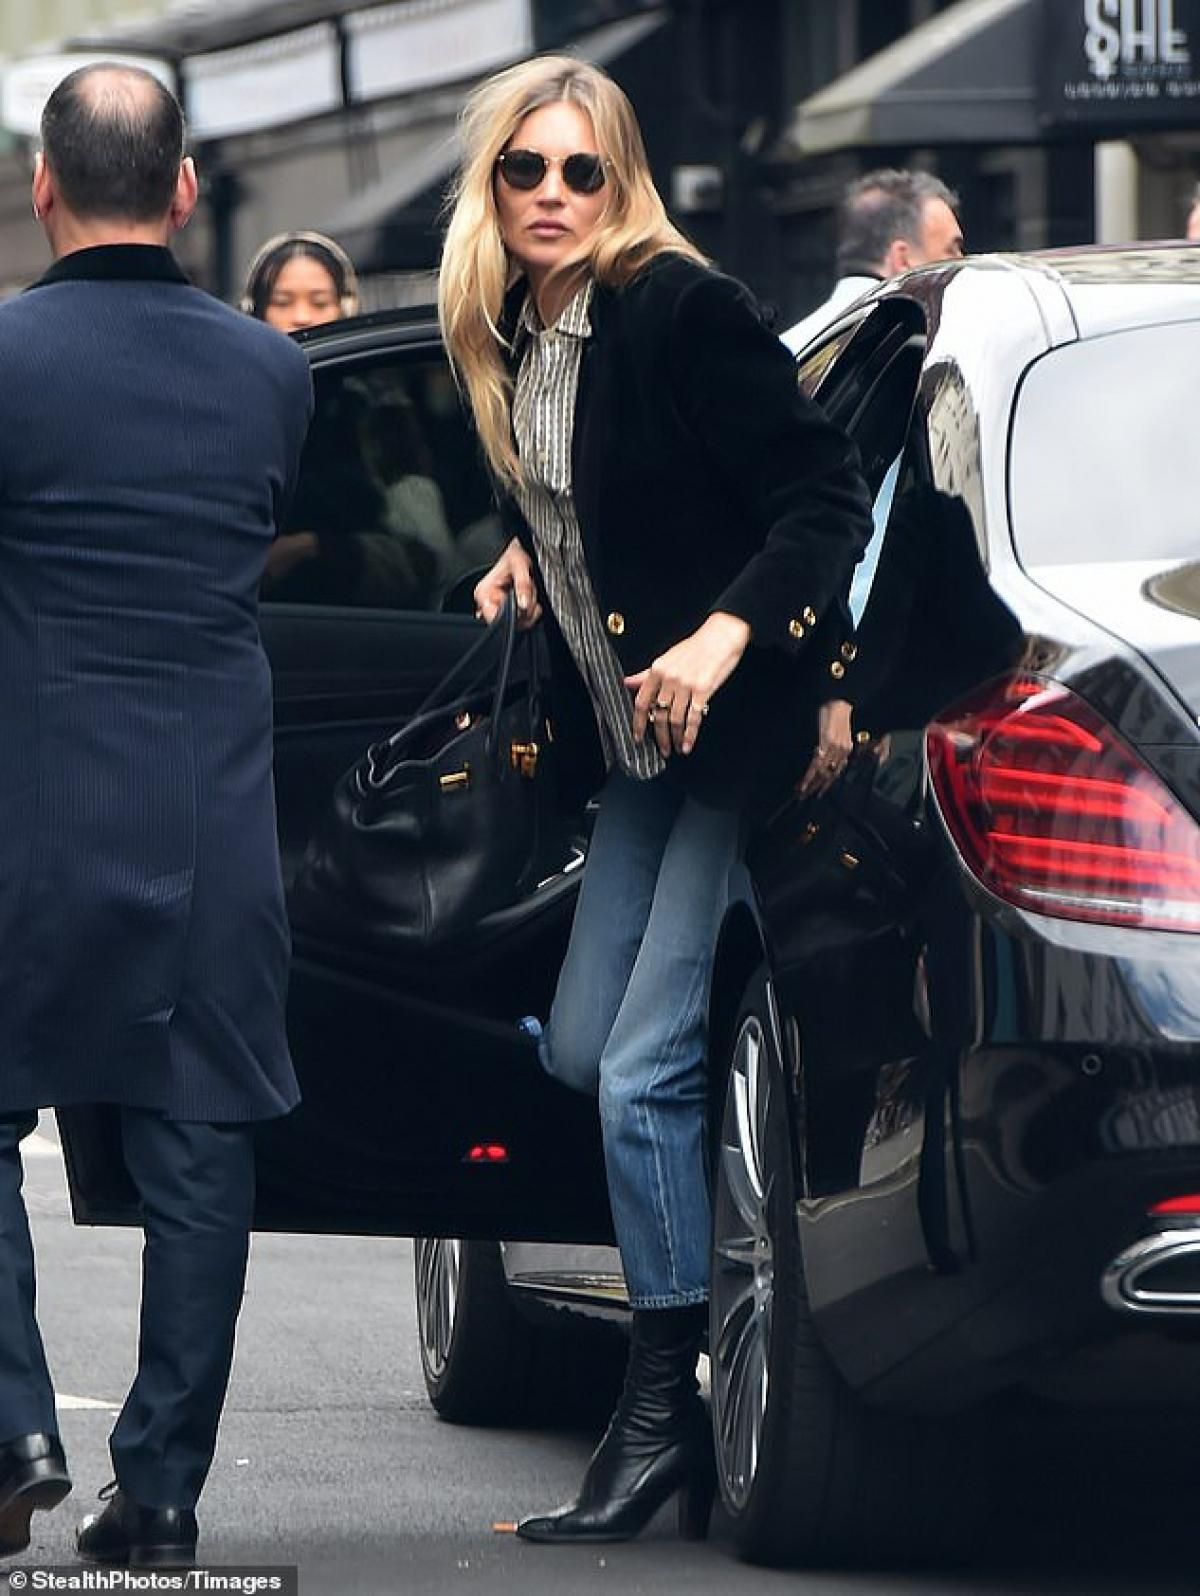 Cựu mẫu lừng danh Kate Moss 'hút mắt' với vẻ ngoài sành điệu ở tuổi 47 Ảnh 4